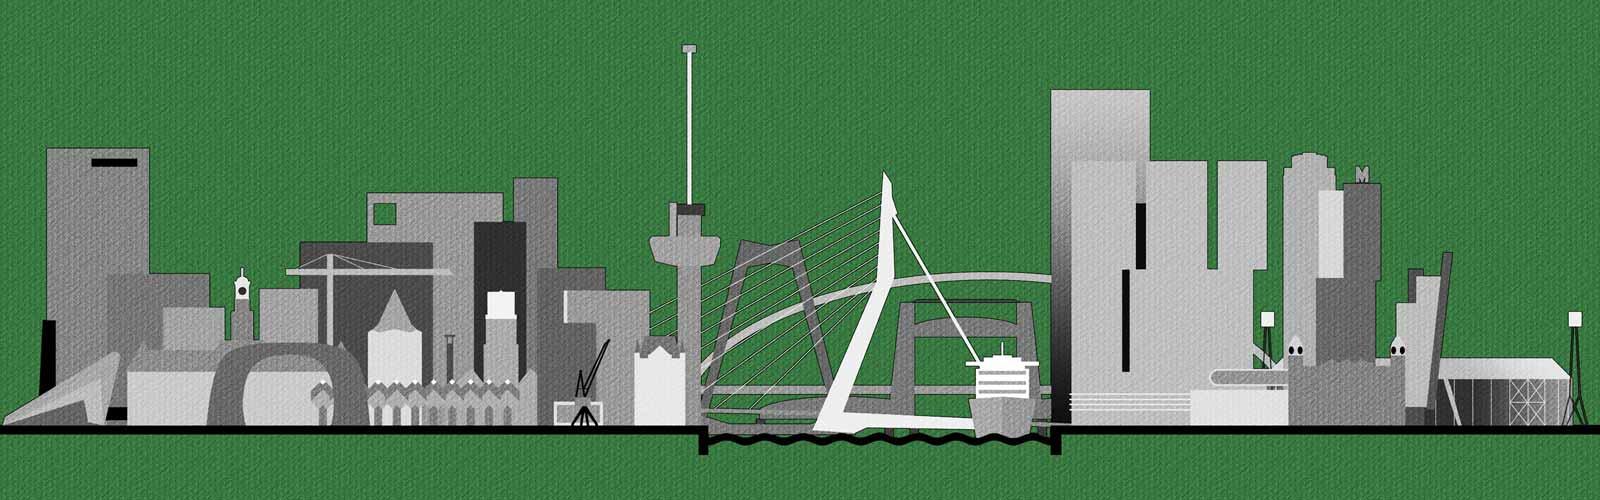 2017-versie van de marathoneditie van de Rotterdamse skyline-tekening, met alle belangrijke gebouwen, bruggen en andere landmarks